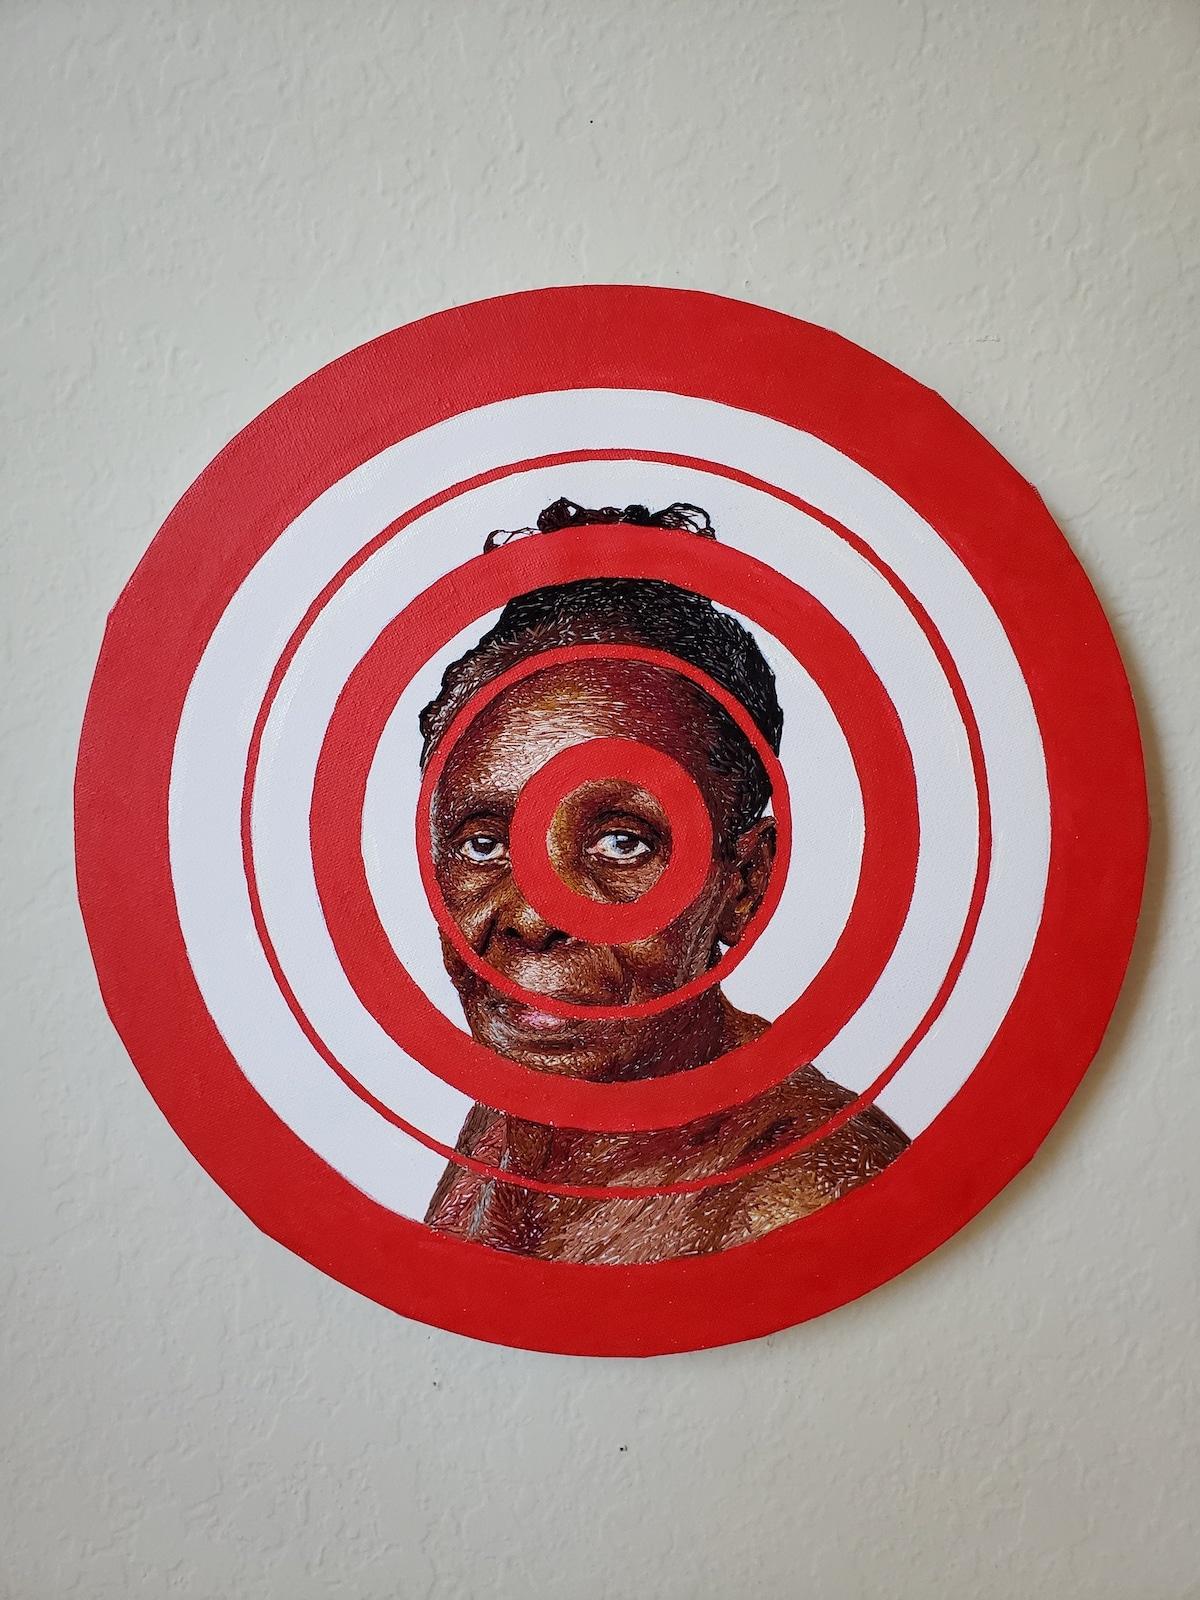 Mixed Media Portrait of a Black Women by Nneka Jones